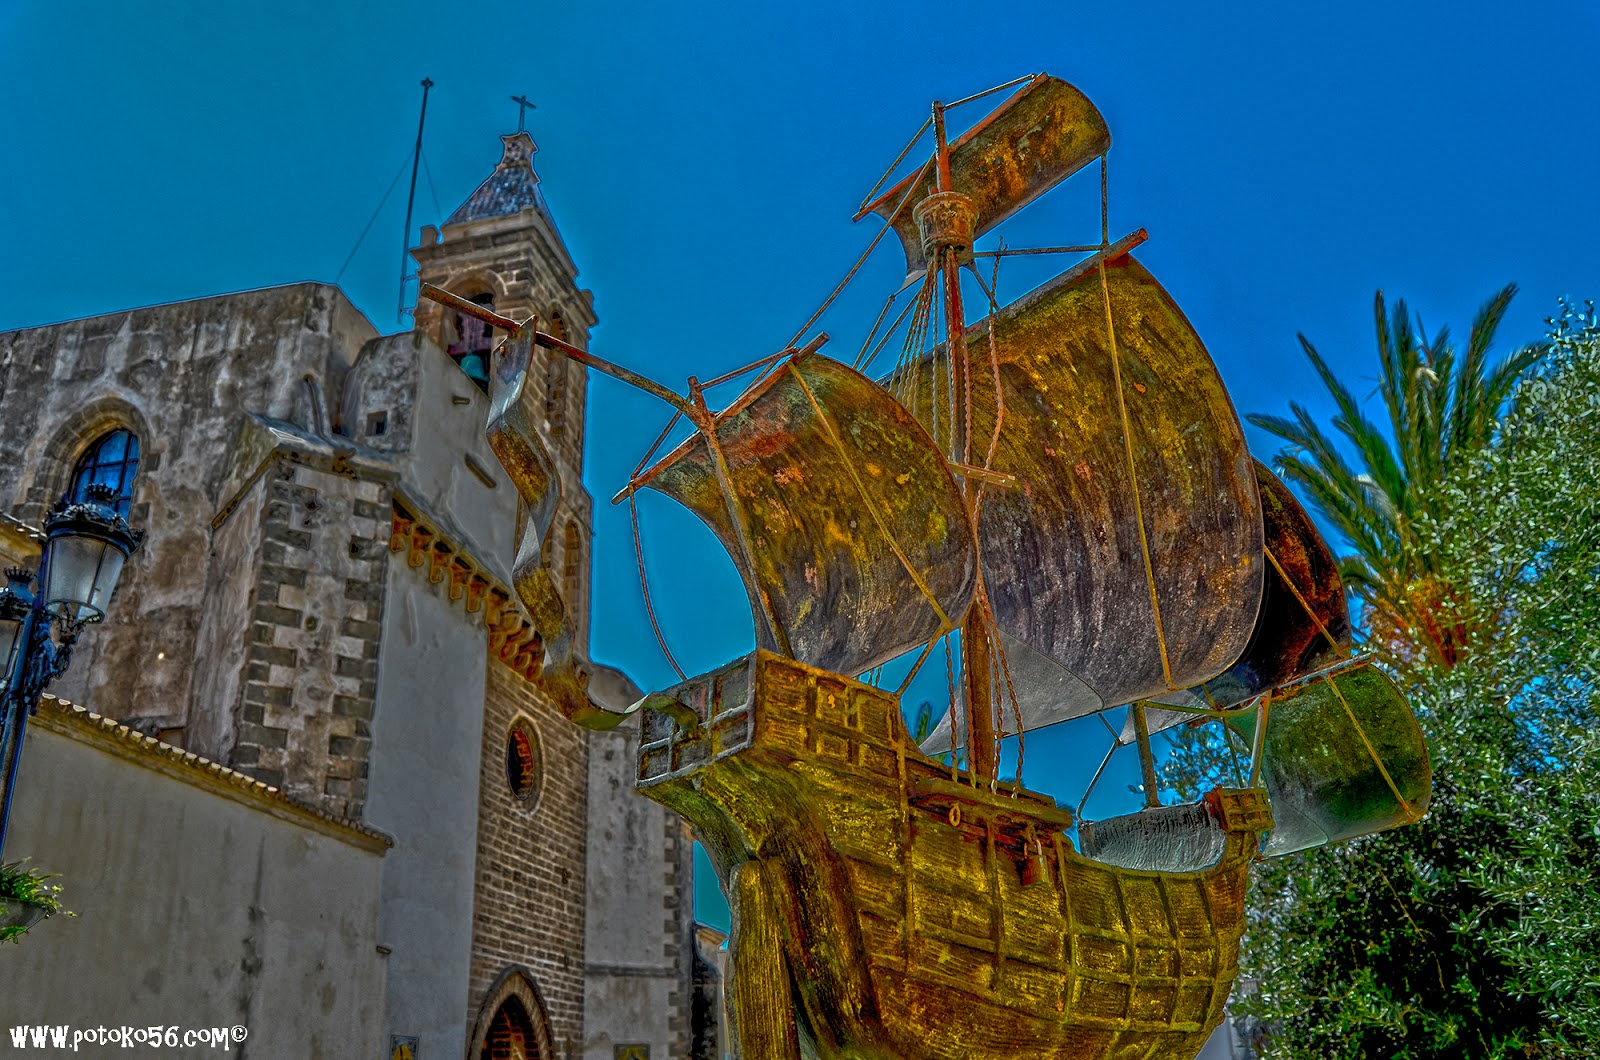 Carabela Santa María y Parroquia Ntra. Sra. de la O en Rota